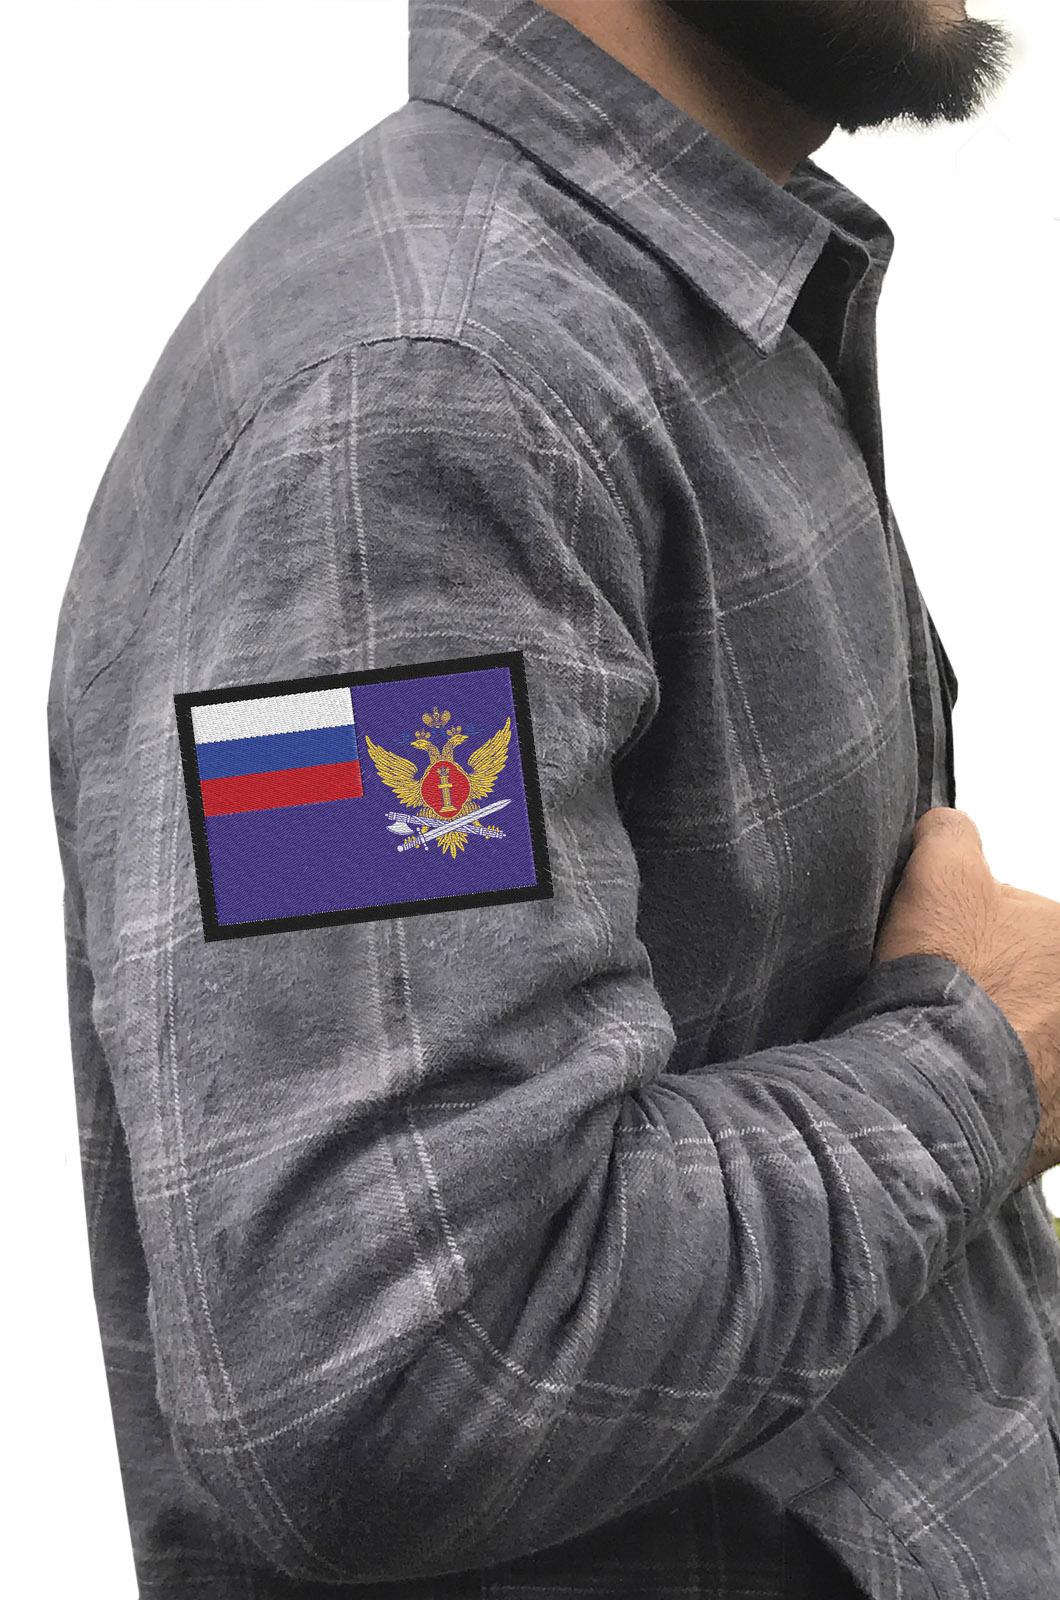 Надежная рубашка с вышитым шевроном ФСИН - купить по низкой цене